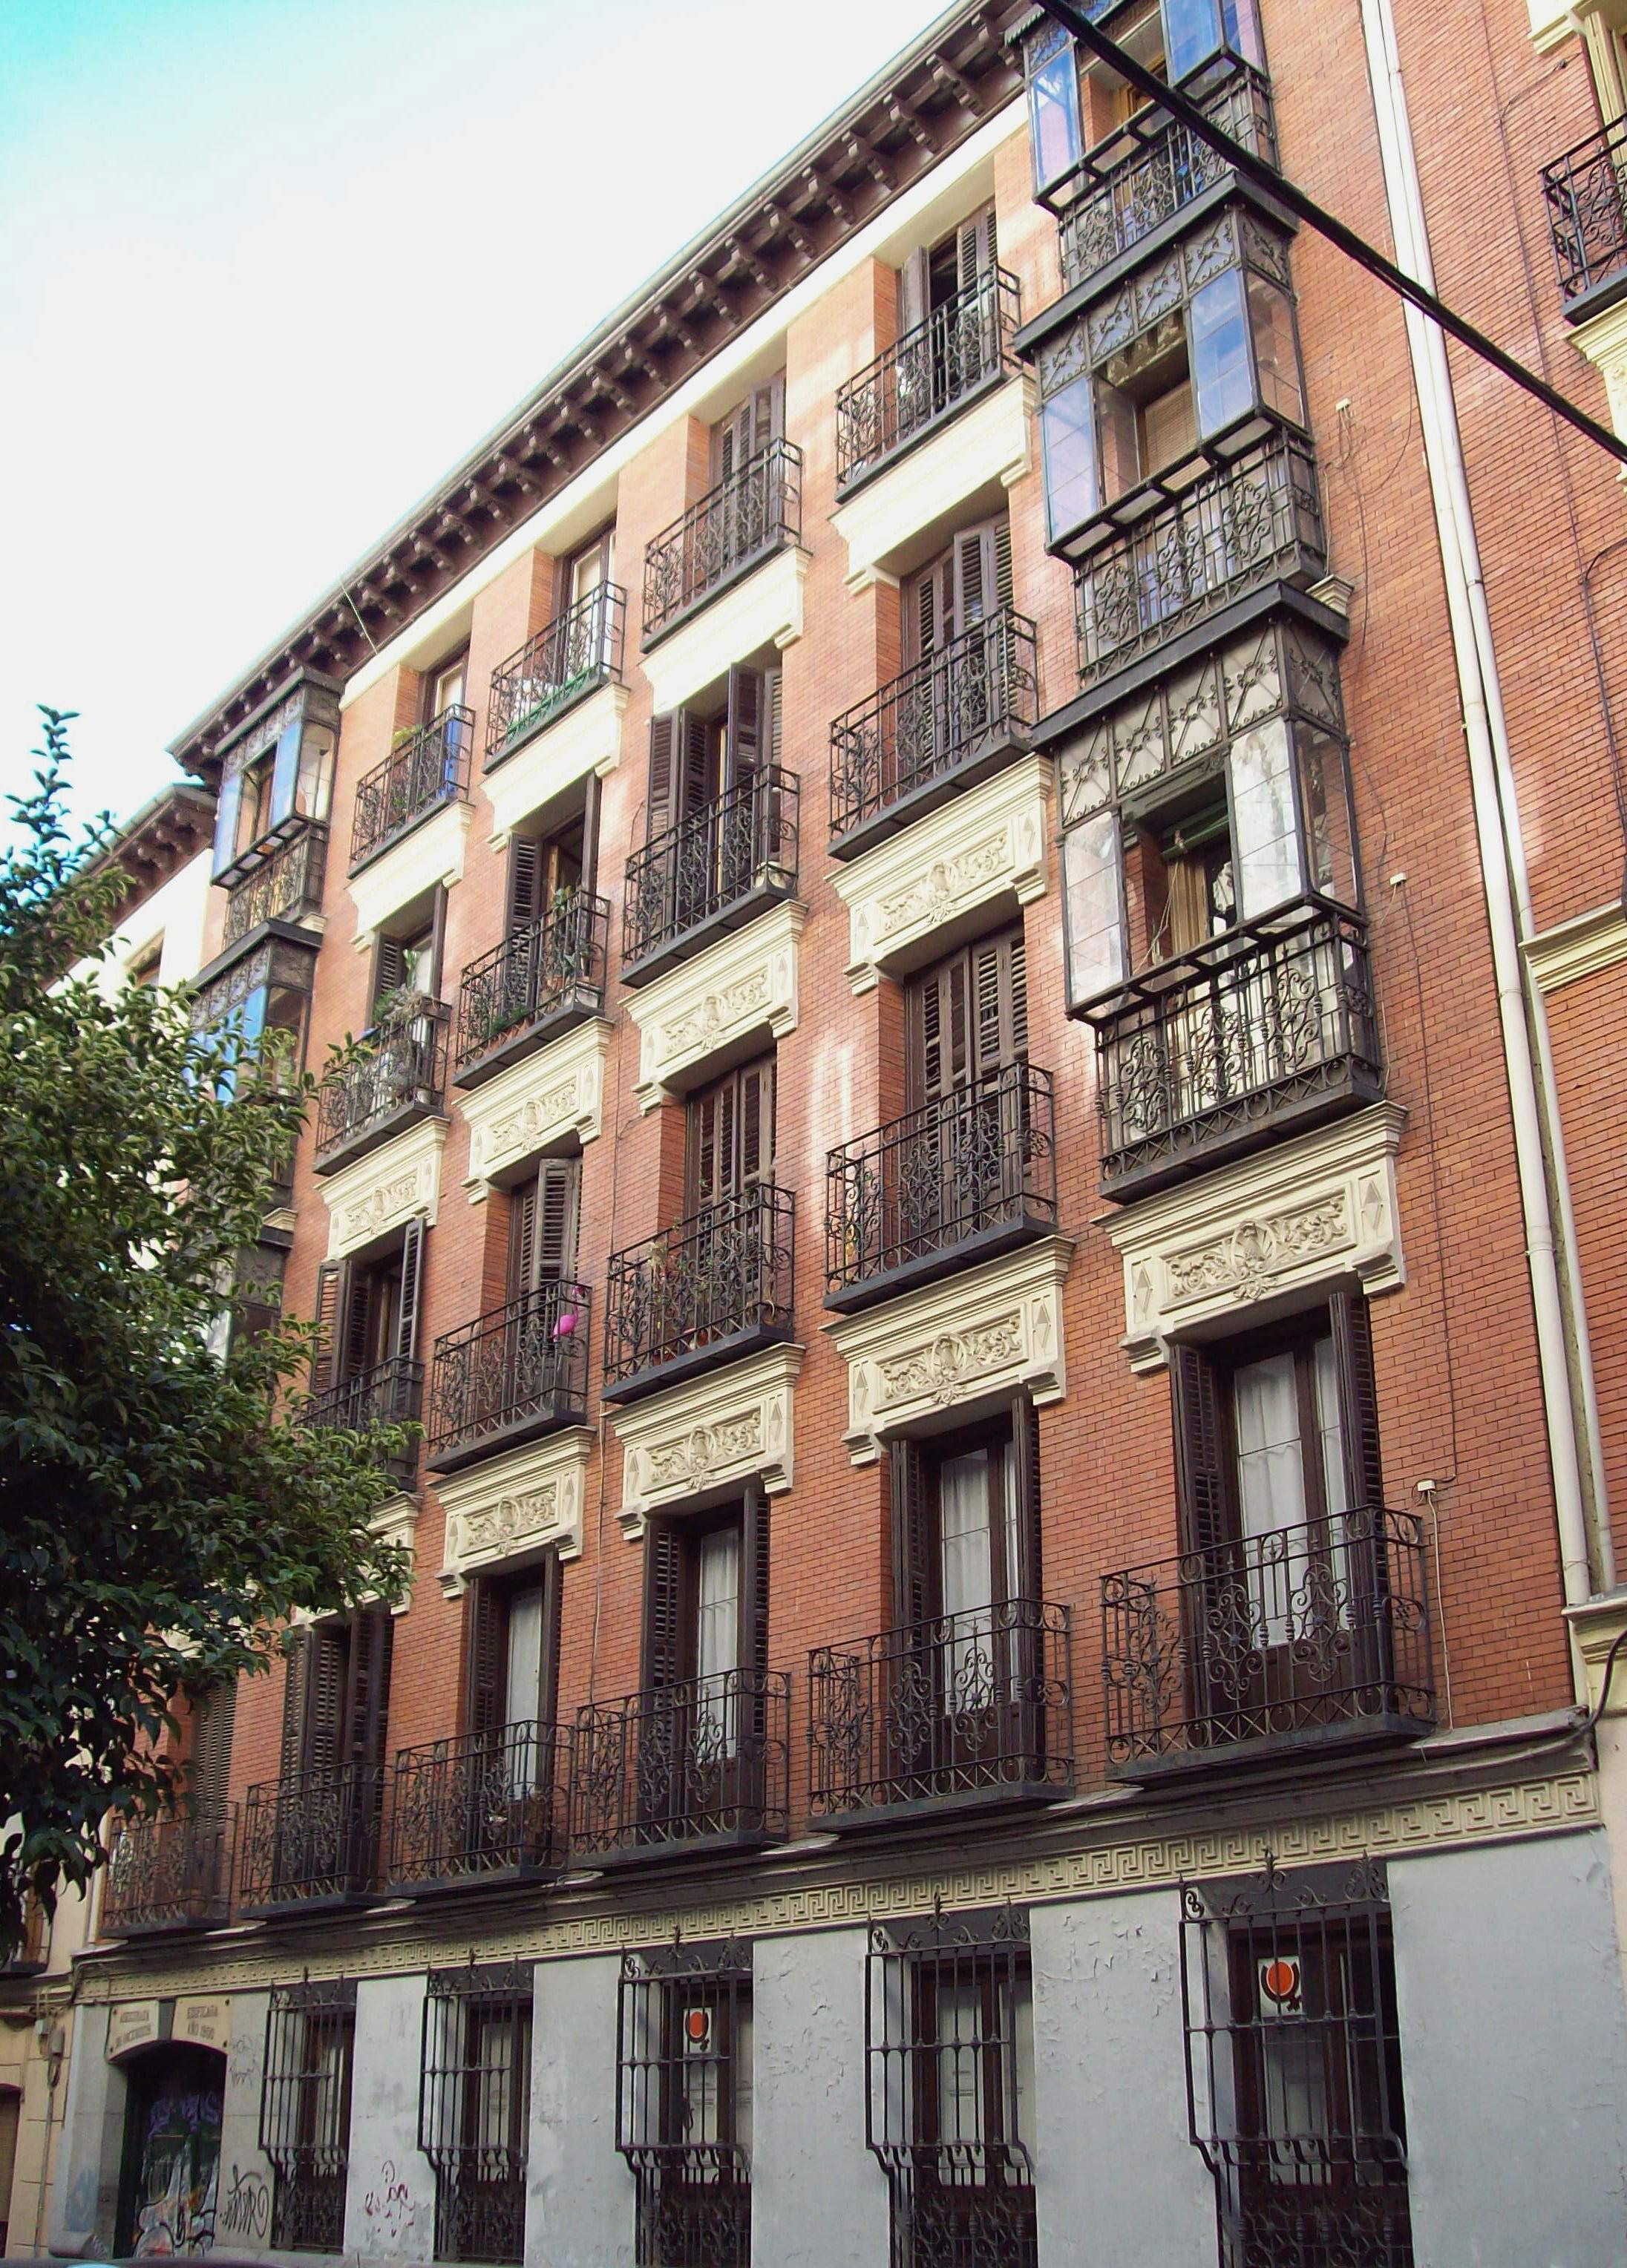 Edificio de la calle Churruca de Madrid en el que vivió Manuel Machado, desde 1919 hasta su muerte.